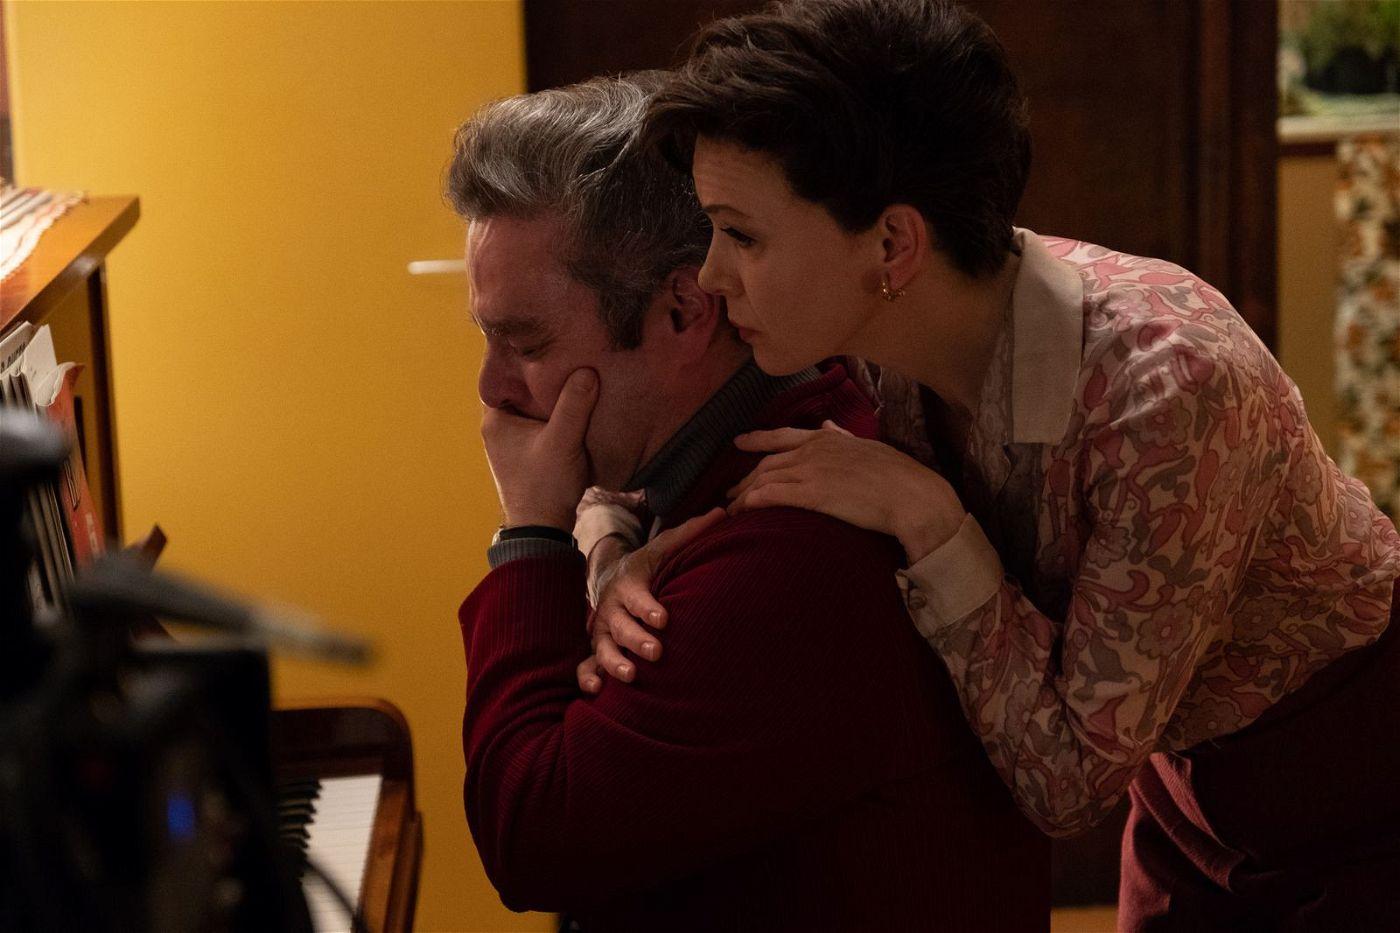 Menschlichkeit und Wärme findet Judy Garland (Renée Zellweger) vor allem bei Fans, wie Dan (Andy Nyman), der sie mit seinem Partner nach Hause einlädt.